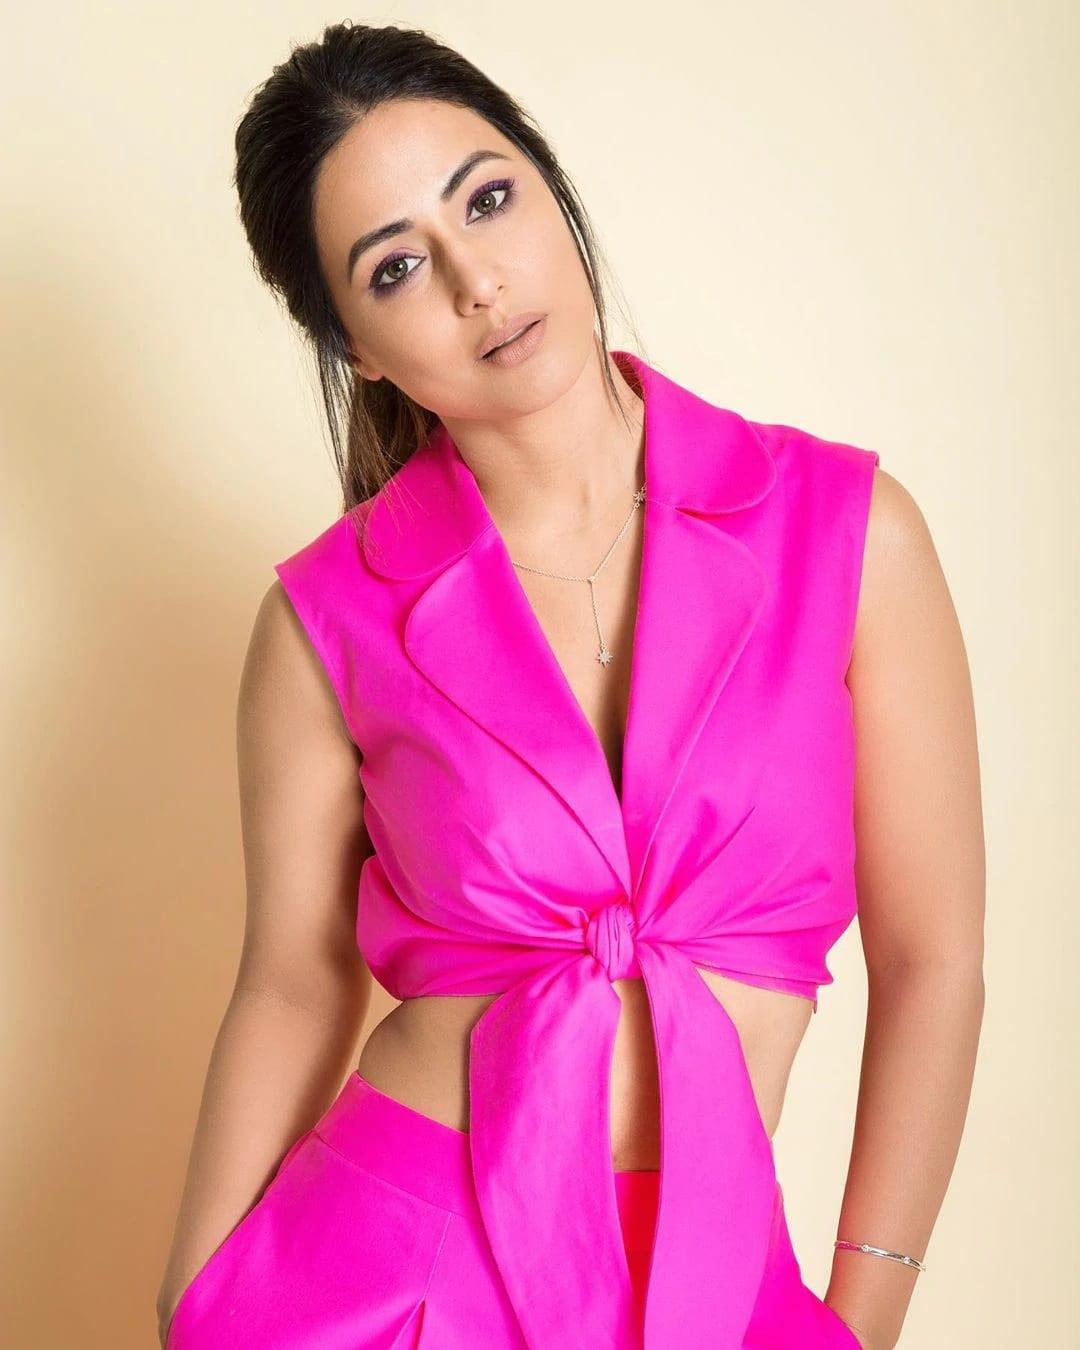 छोट्या पडद्यावर अक्षराची भुमिका करत संपूर्ण देशाची मन जिंकणारी अभिनेत्री हिना खान (Hina Khan) सध्या सोशल मीडियावर चर्चेत आली आहे ती आपल्या बोल्ड फोटोशूटमुळे. (Photo Credit- realhinakhan/Instagram)